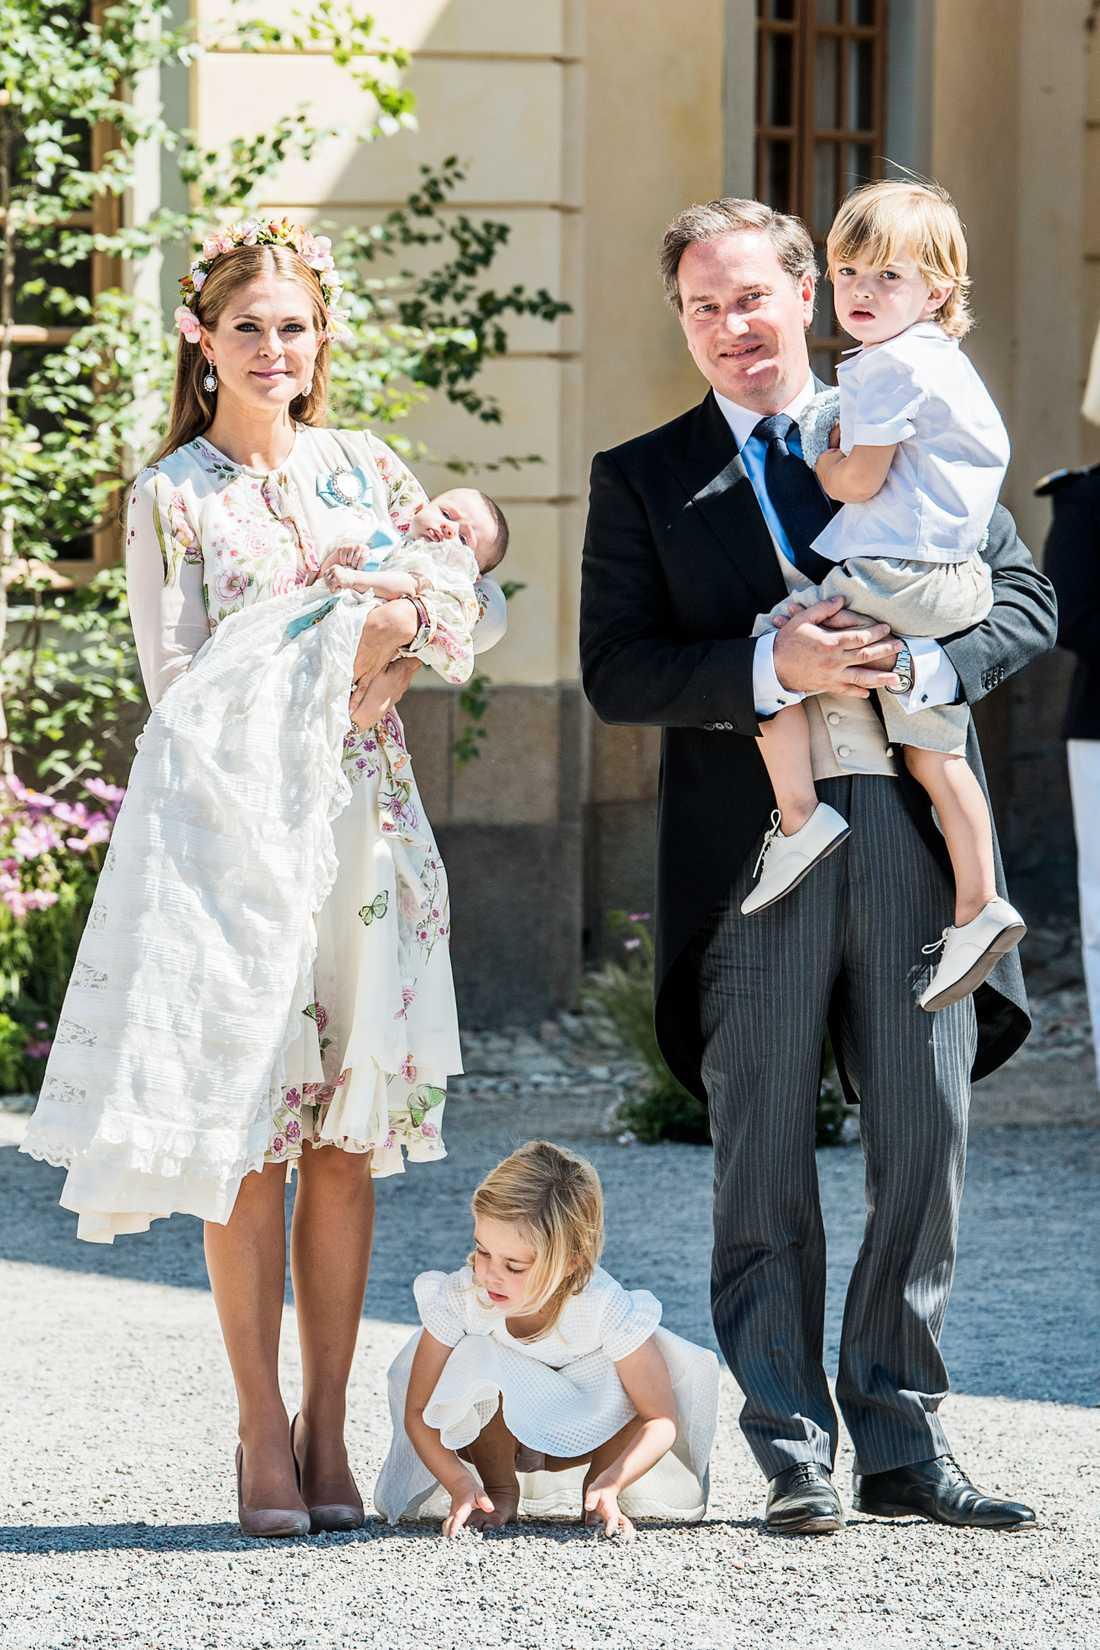 Prinsessan Madeleine tillsammans med sin familj.